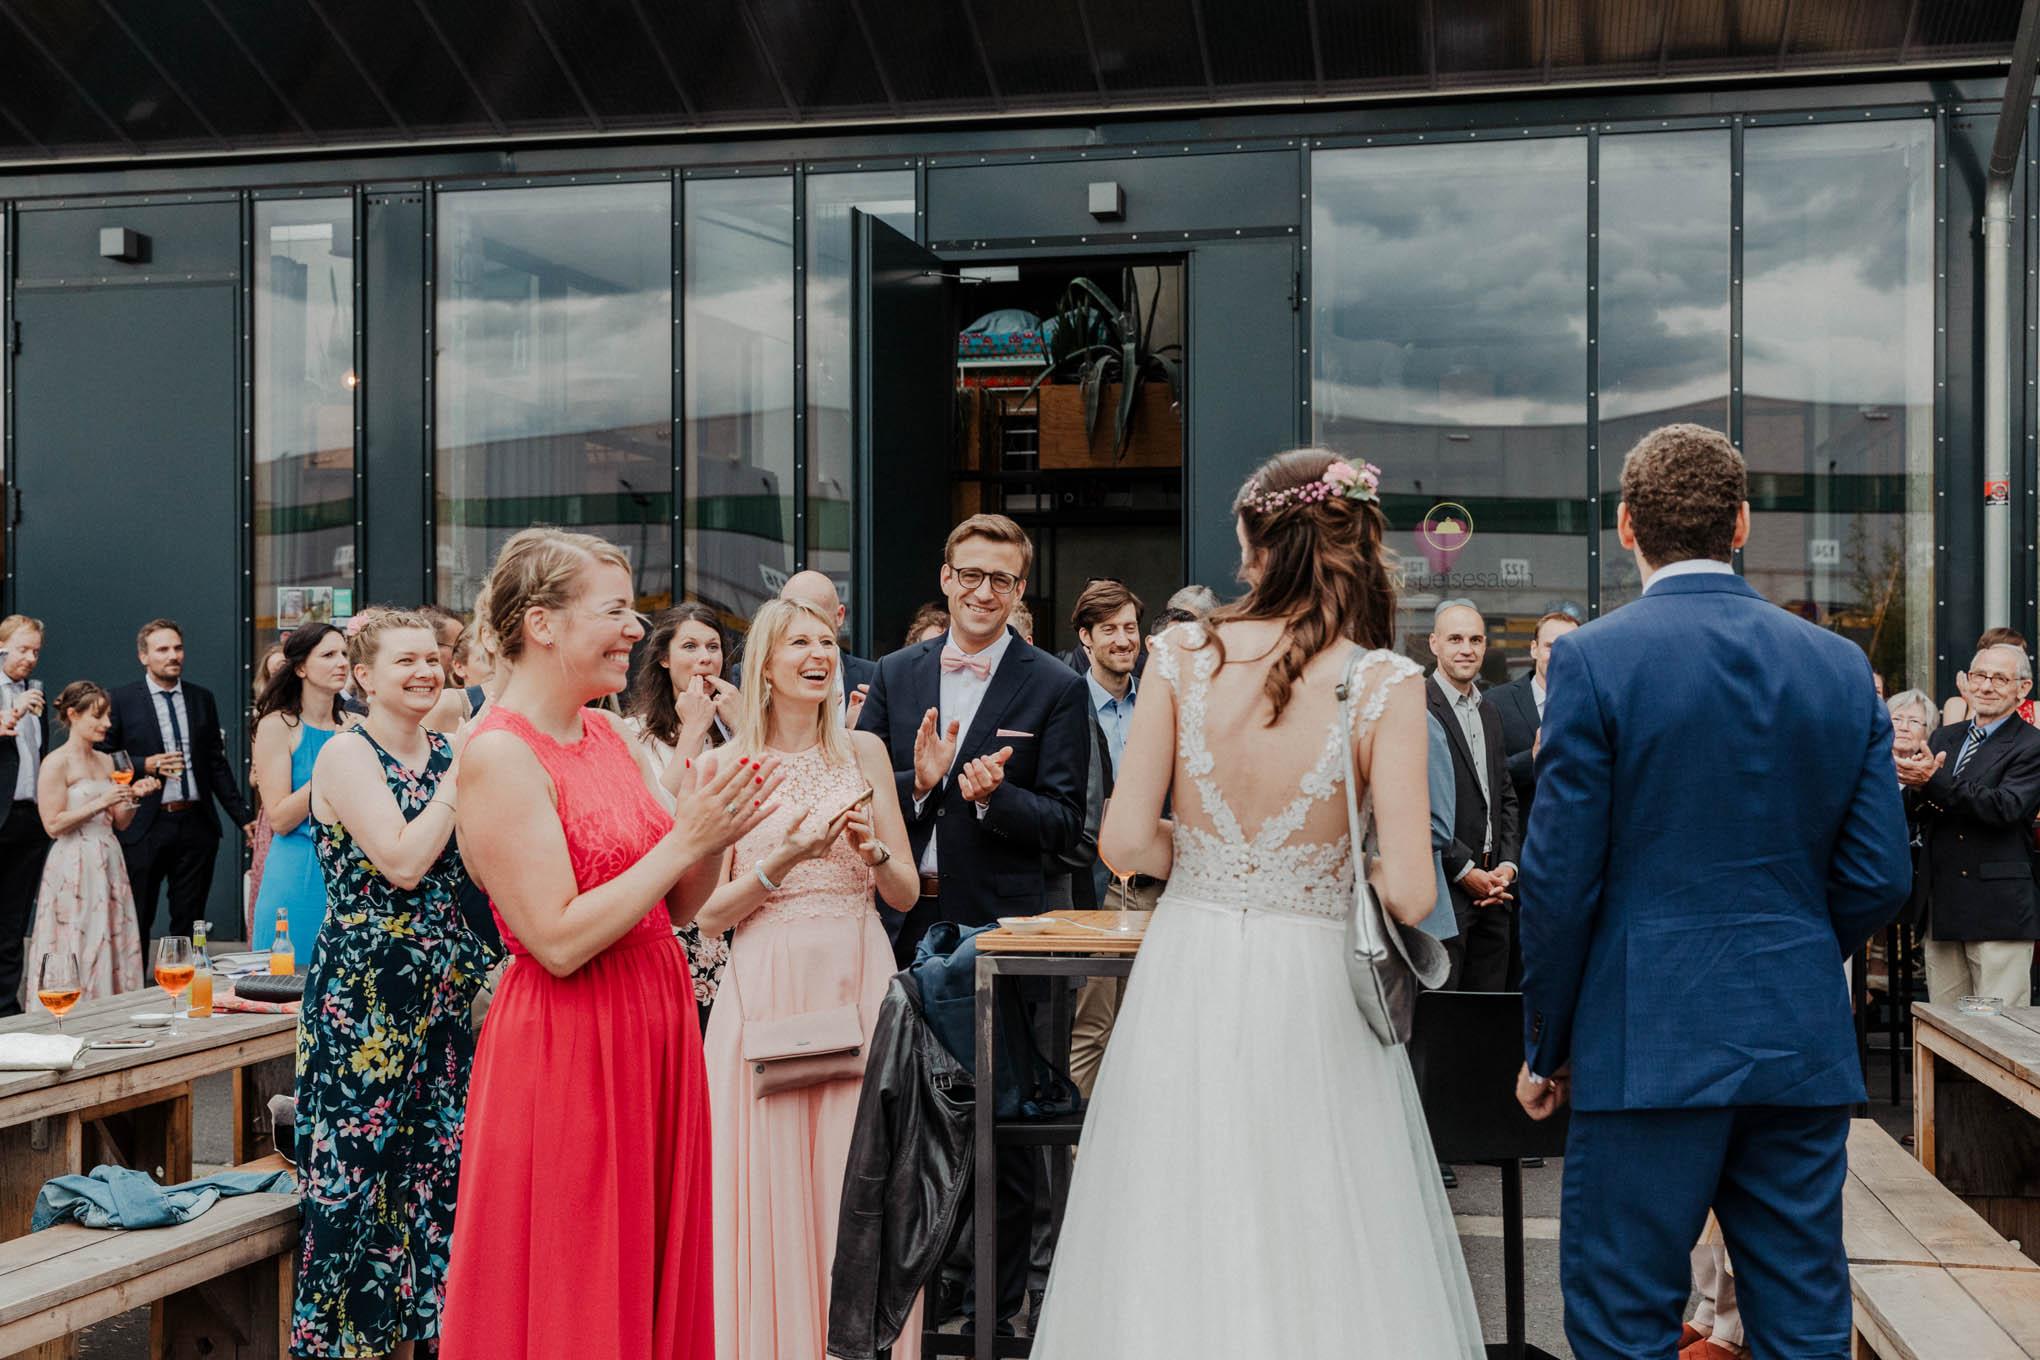 Hochzeit im Deinspeisesalon in Köln